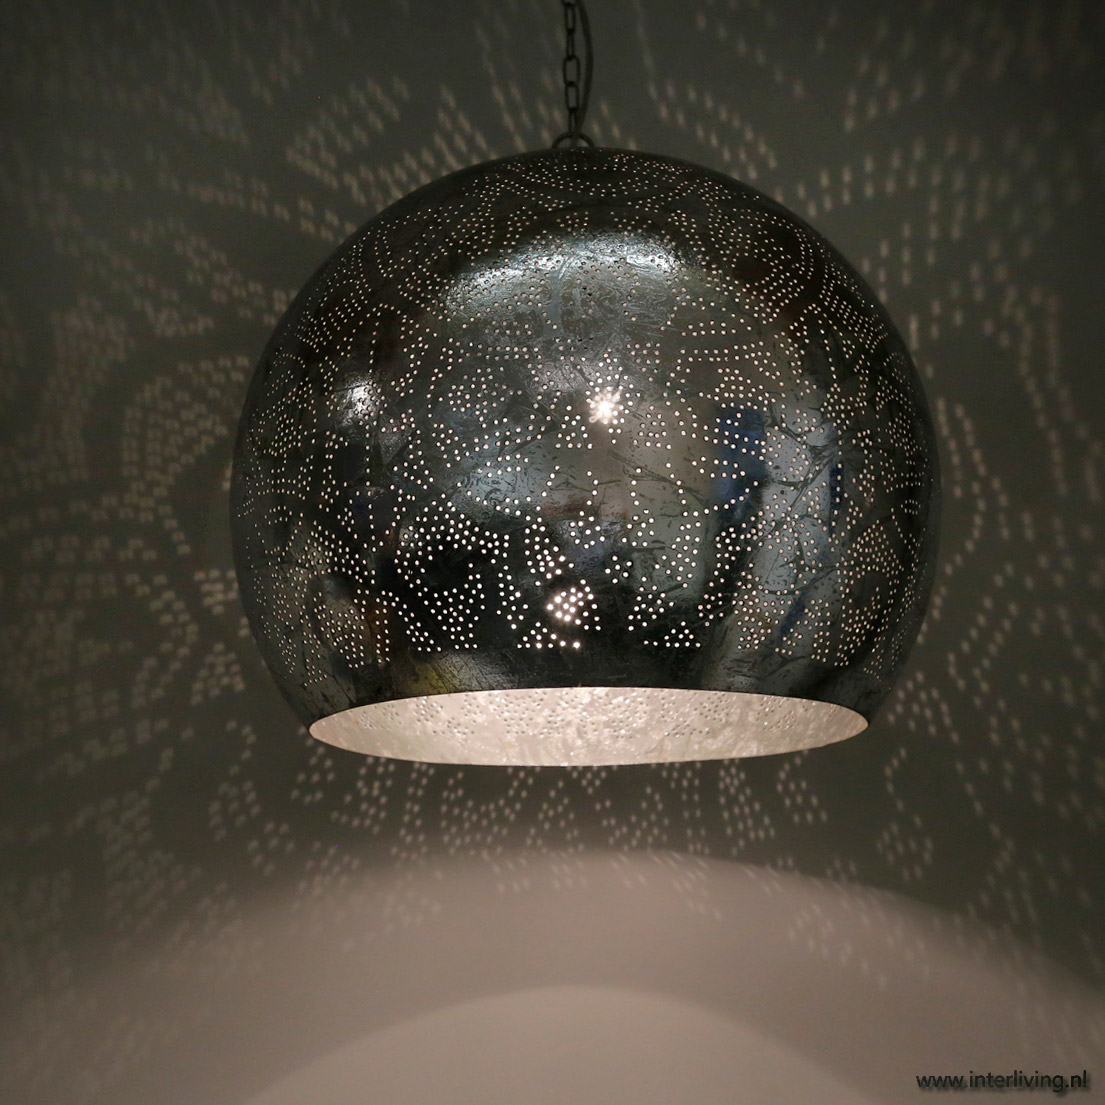 Verweerde industriële hanglamp bol xxl oosterse stijl met gaatjes